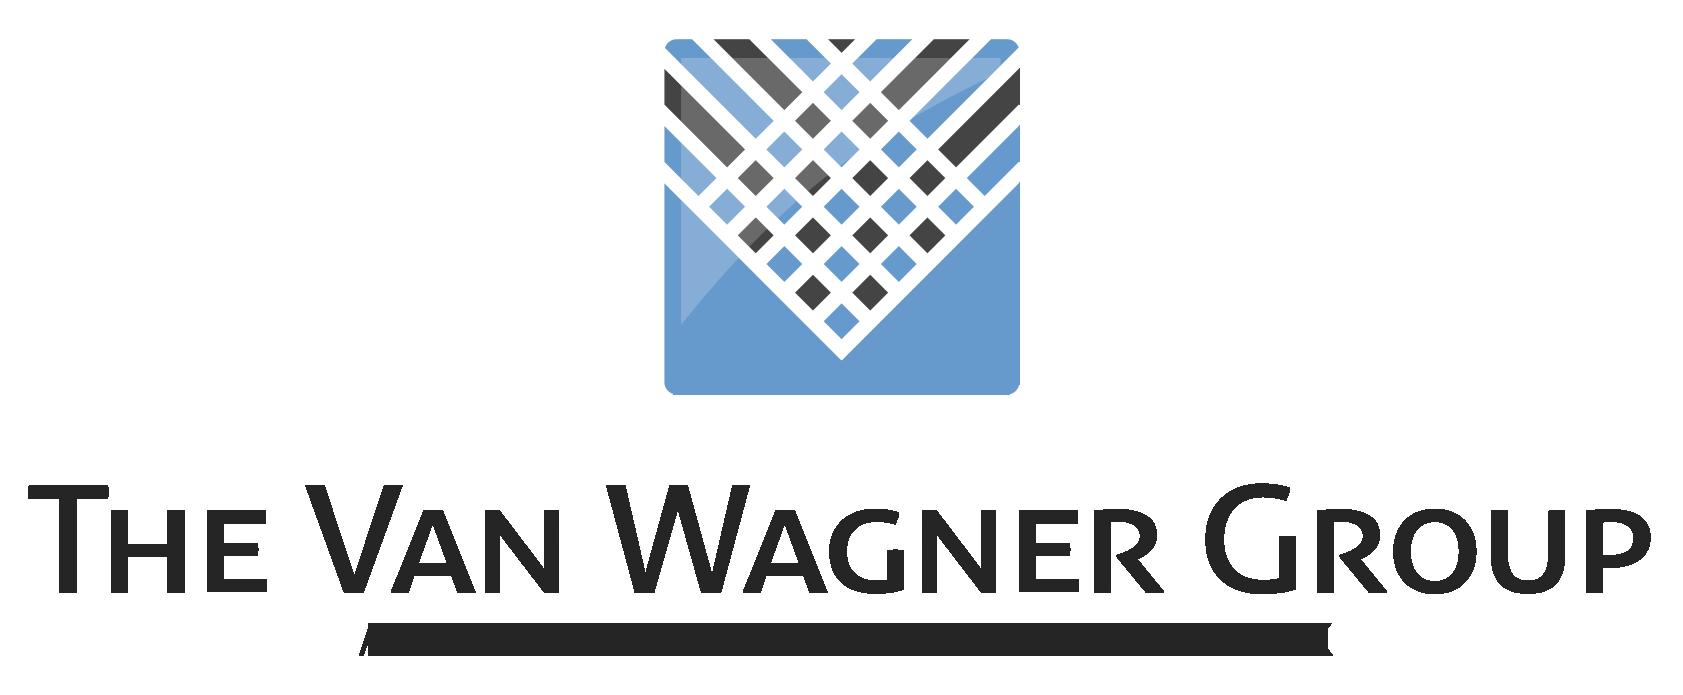 The Van Wagner Group